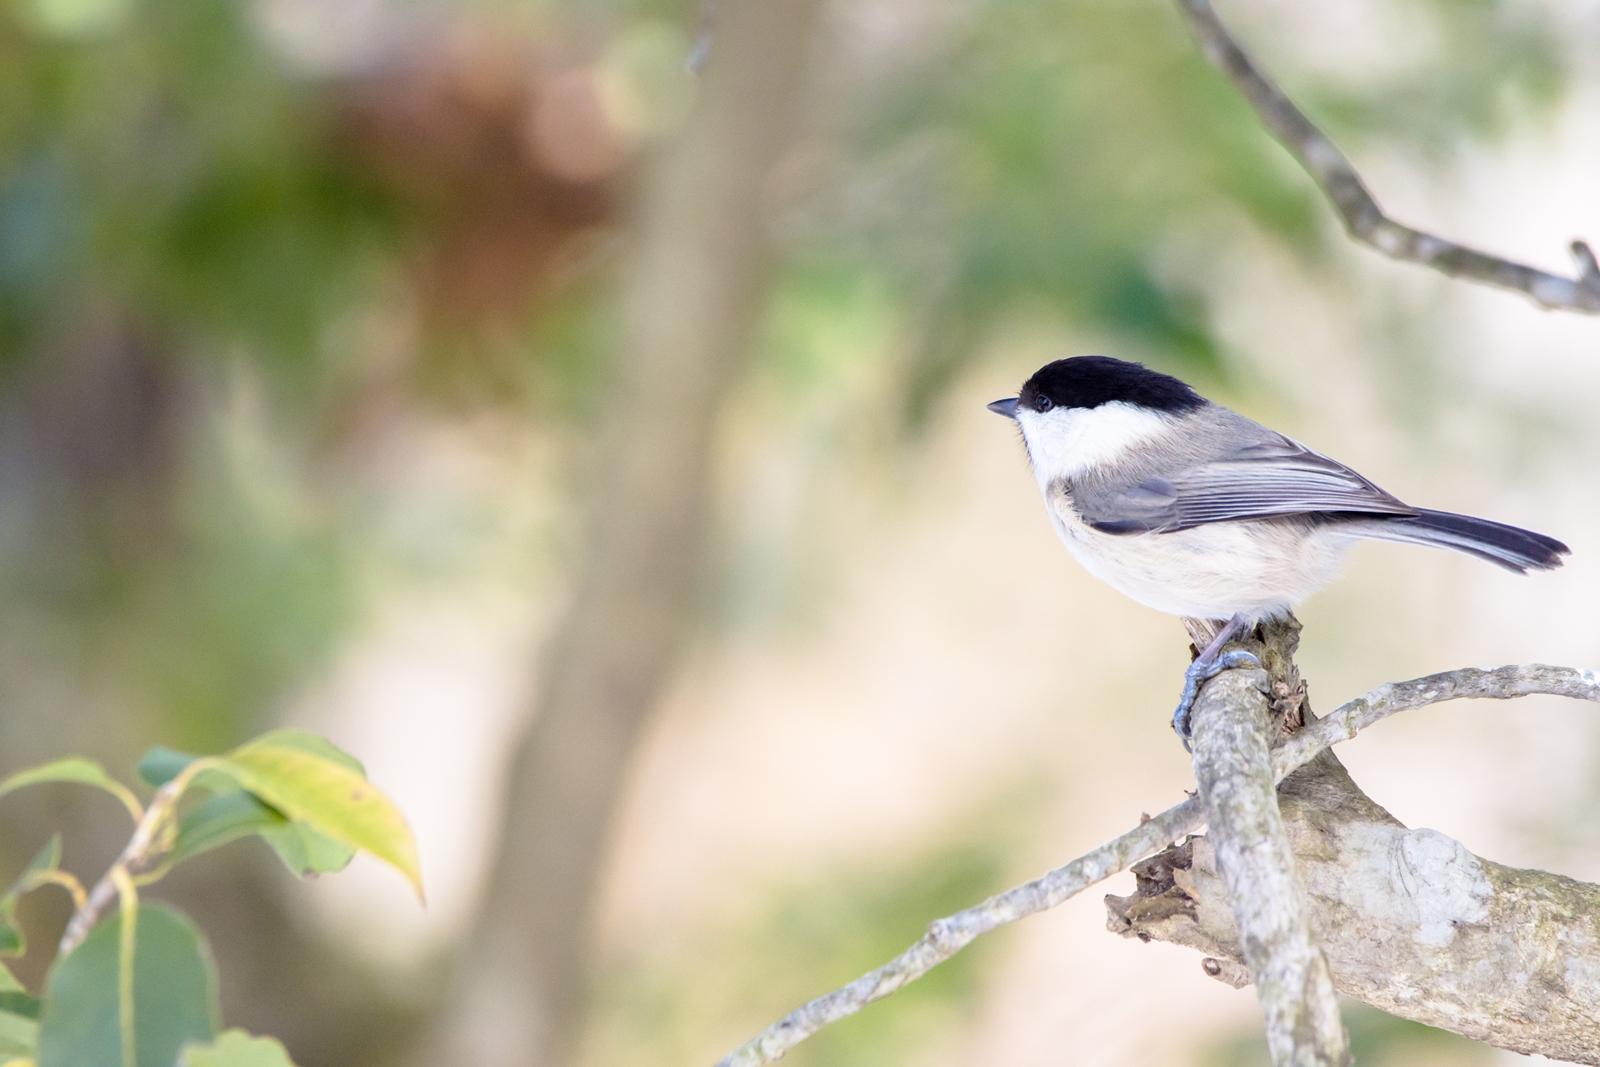 Photo: 「ピュアな横顔」 / Unselfish profile.  目の前を横切る 君の横顔 その真っ直ぐなまなざしが 僕の心を魅了する  Willow tit. (コガラ)  Nikon D7200 SIGMA 150-600mm F5-6.3 DG OS HSM Contemporary  #birdphotography #birds #kawaii #nikon #sigma #小鳥グラファー  ( http://takafumiooshio.com/archives/766 )